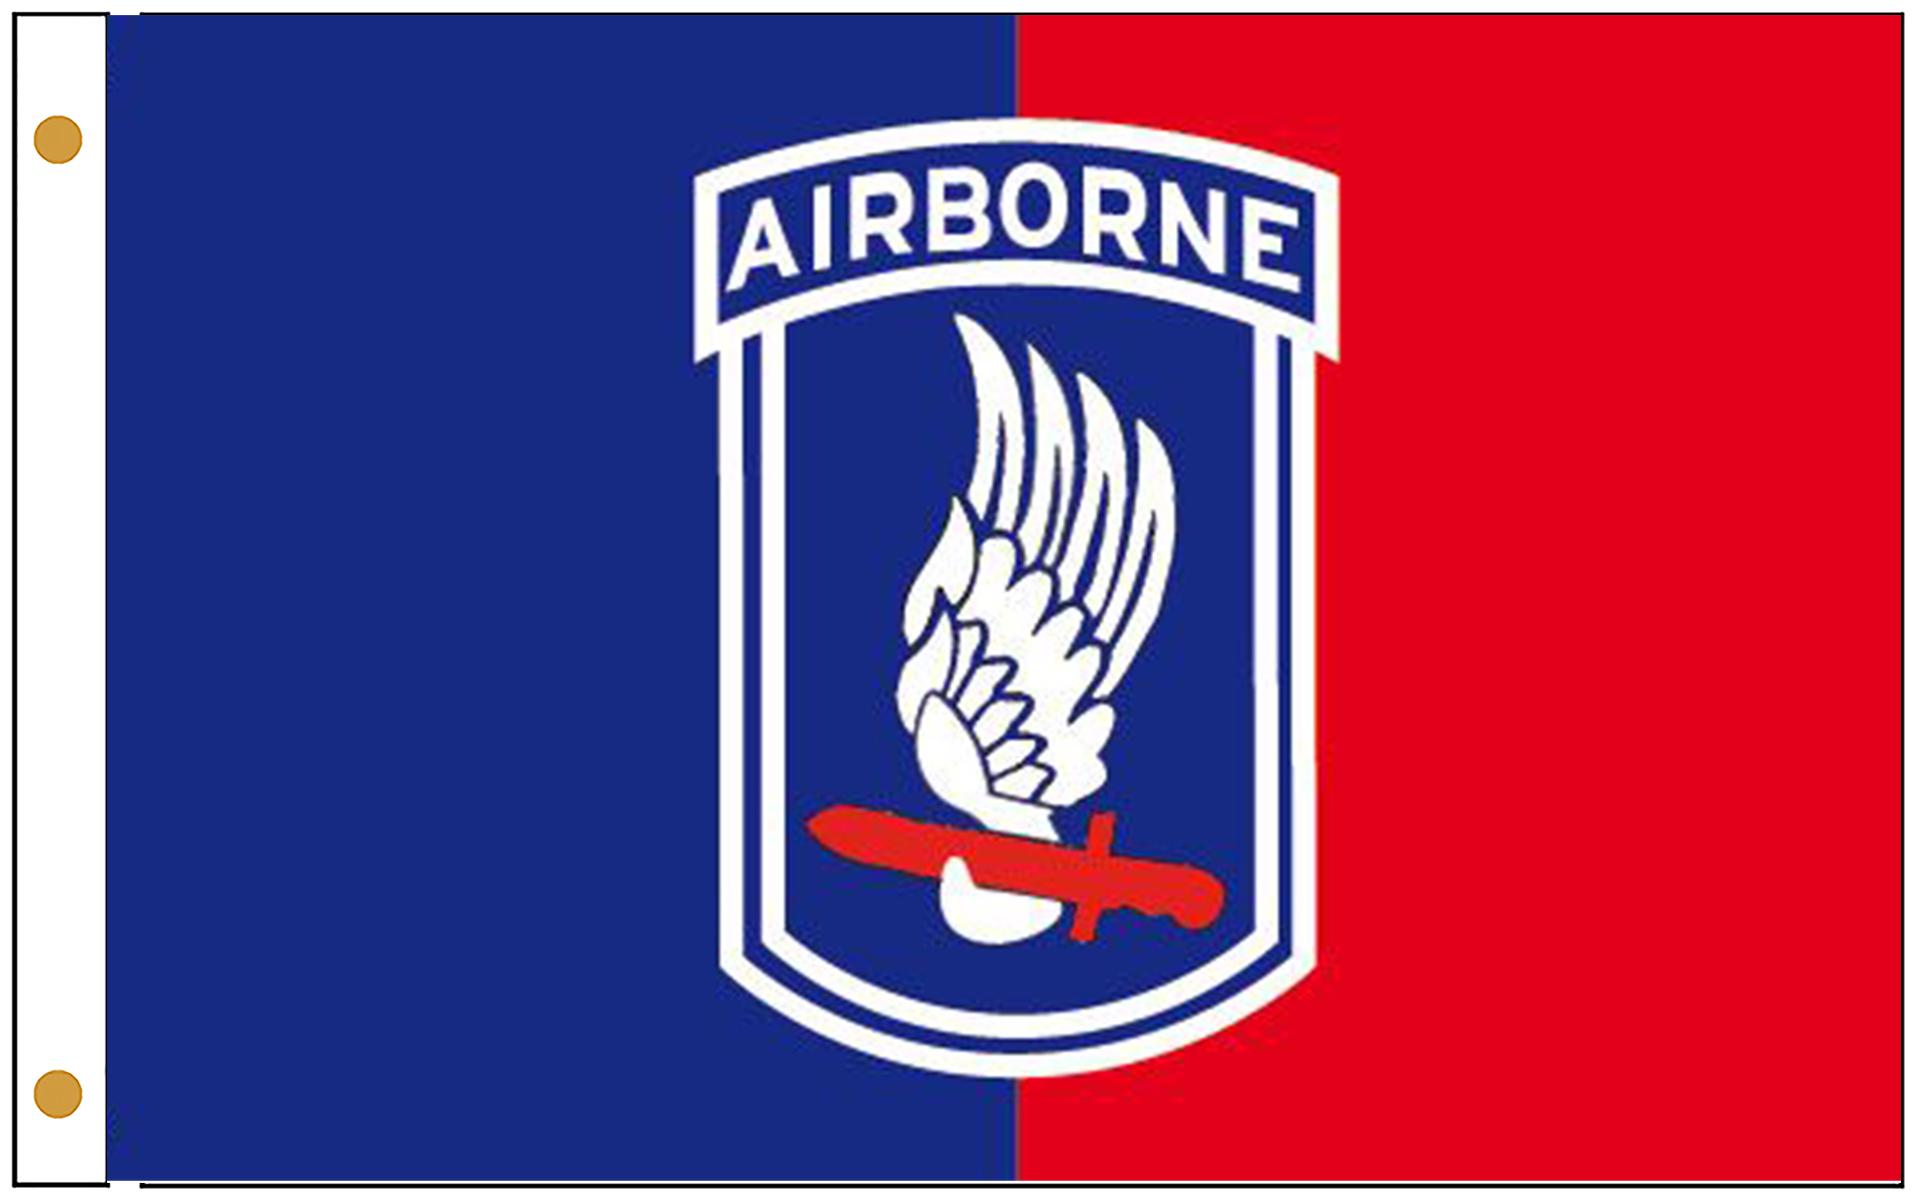 173rd Airborne Brigade Flags